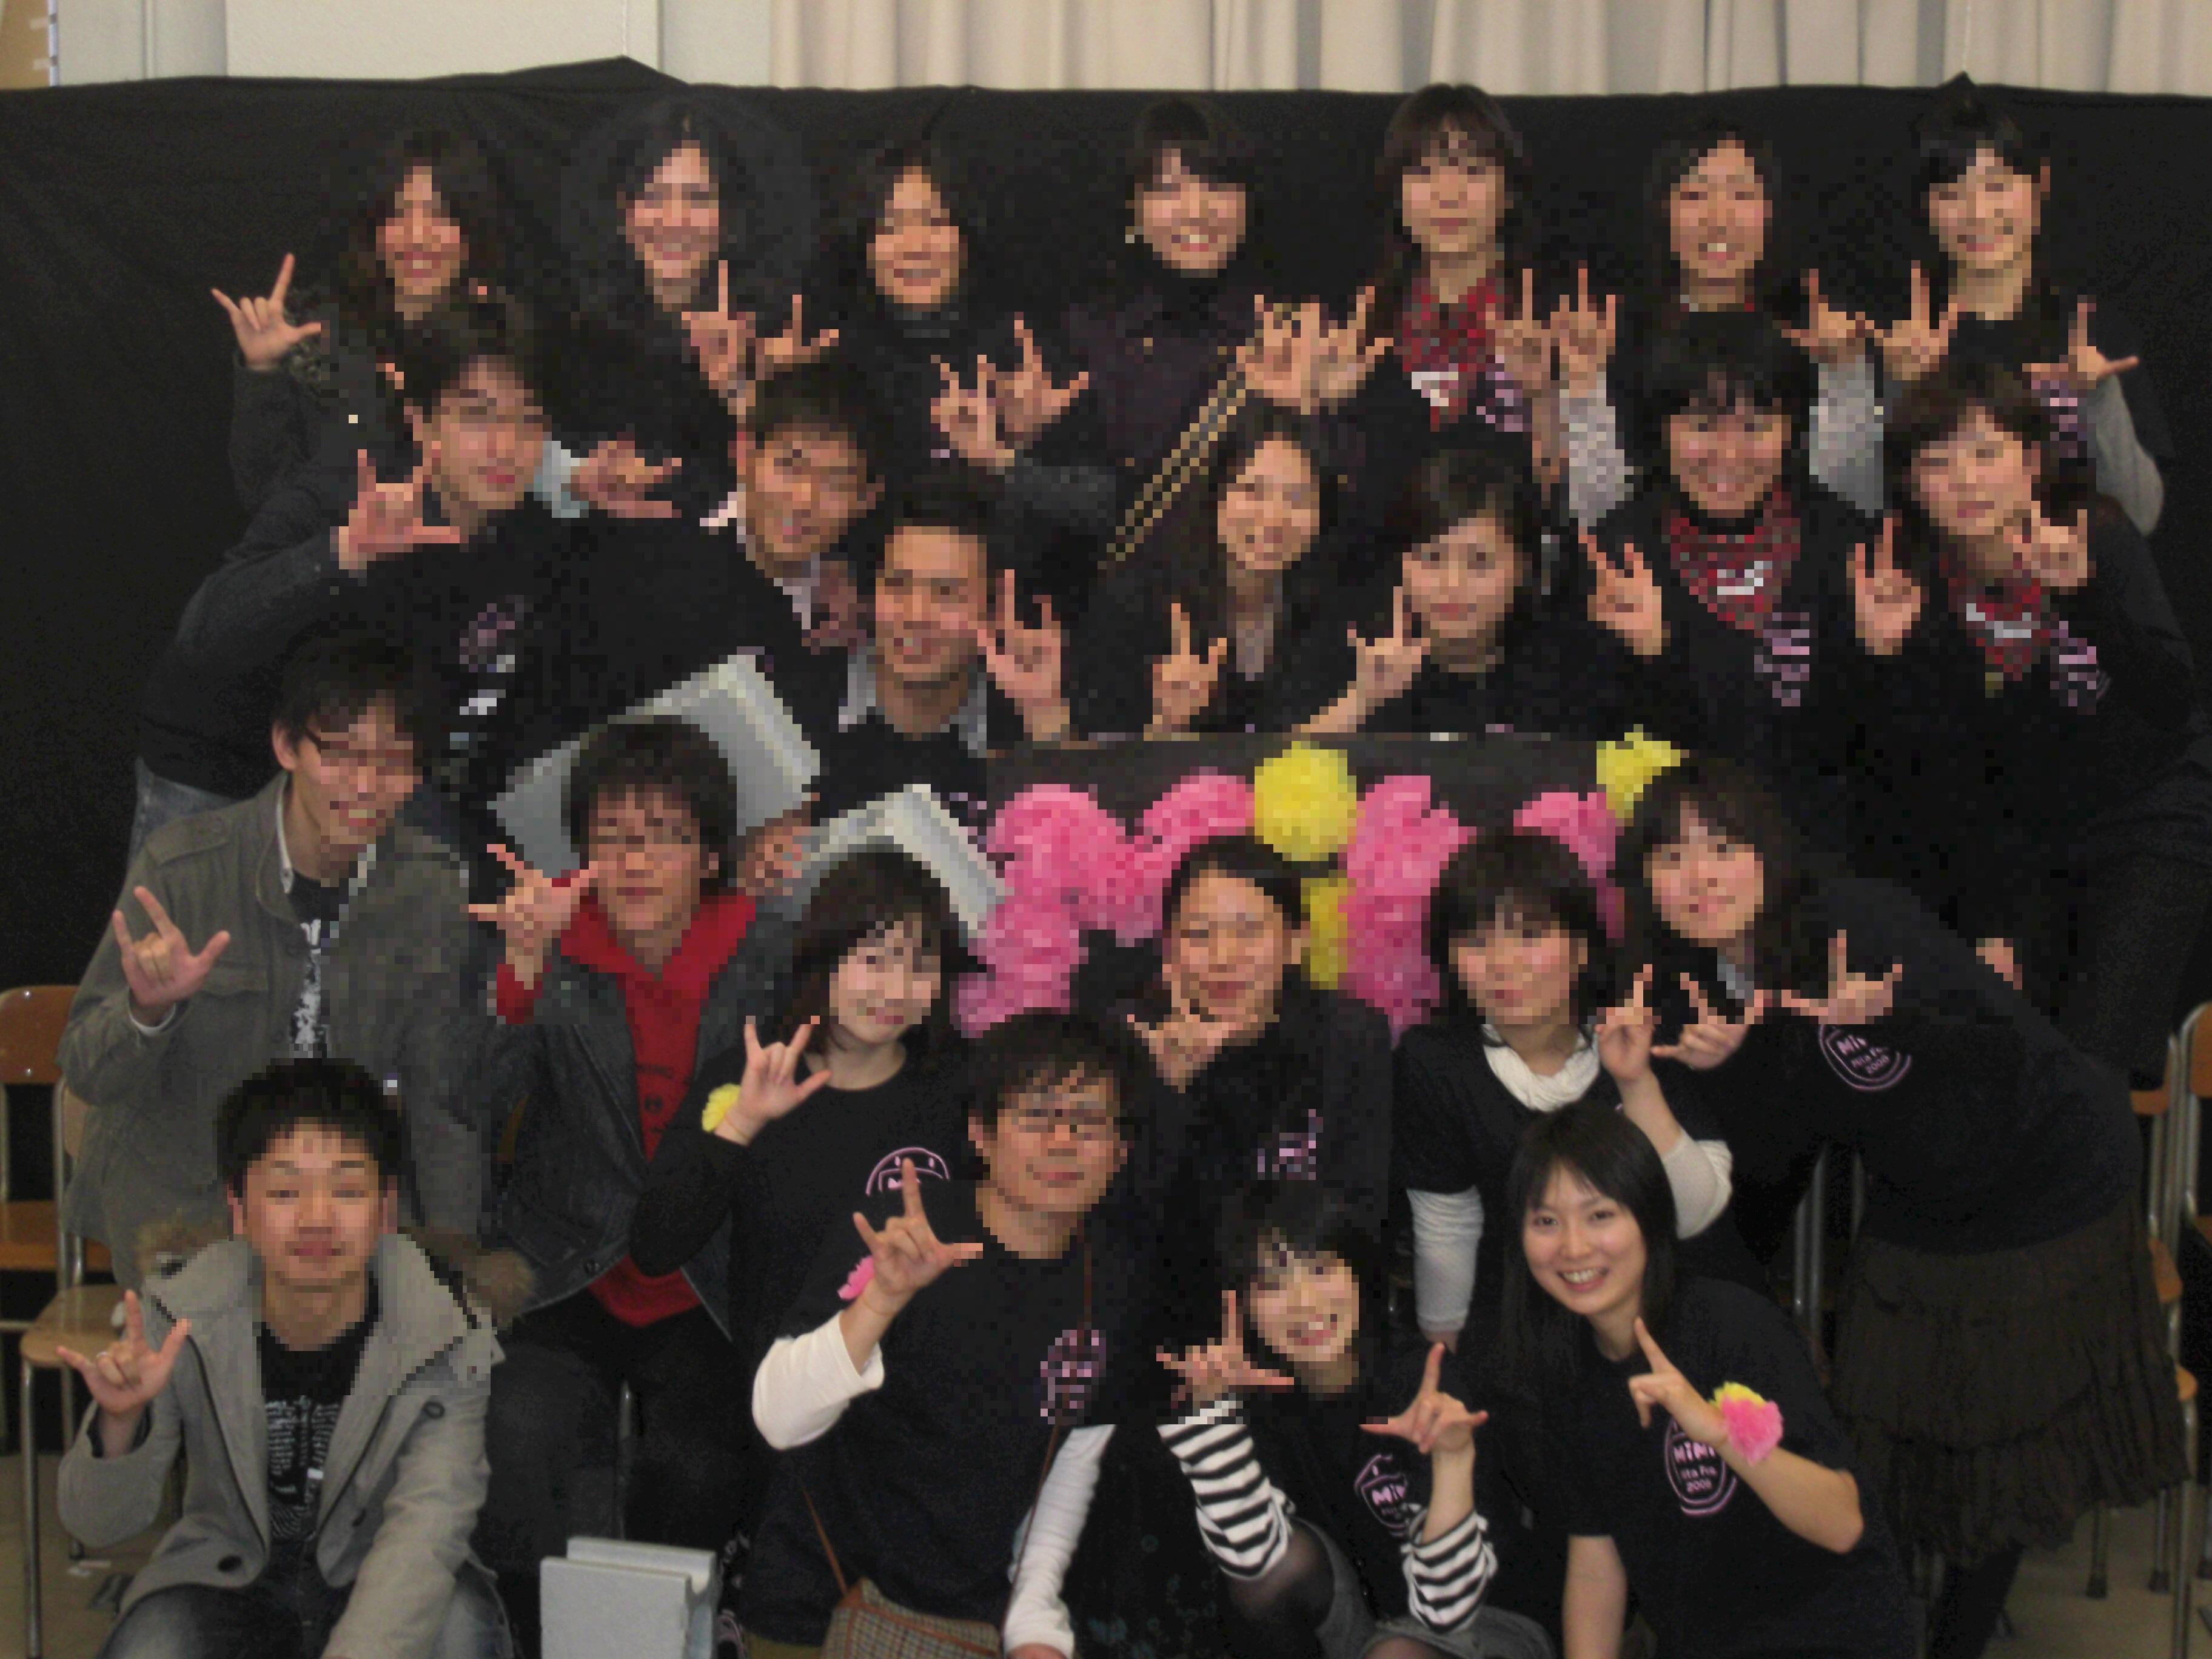 手話サークルMiMi三田祭・同期集合写真/2008